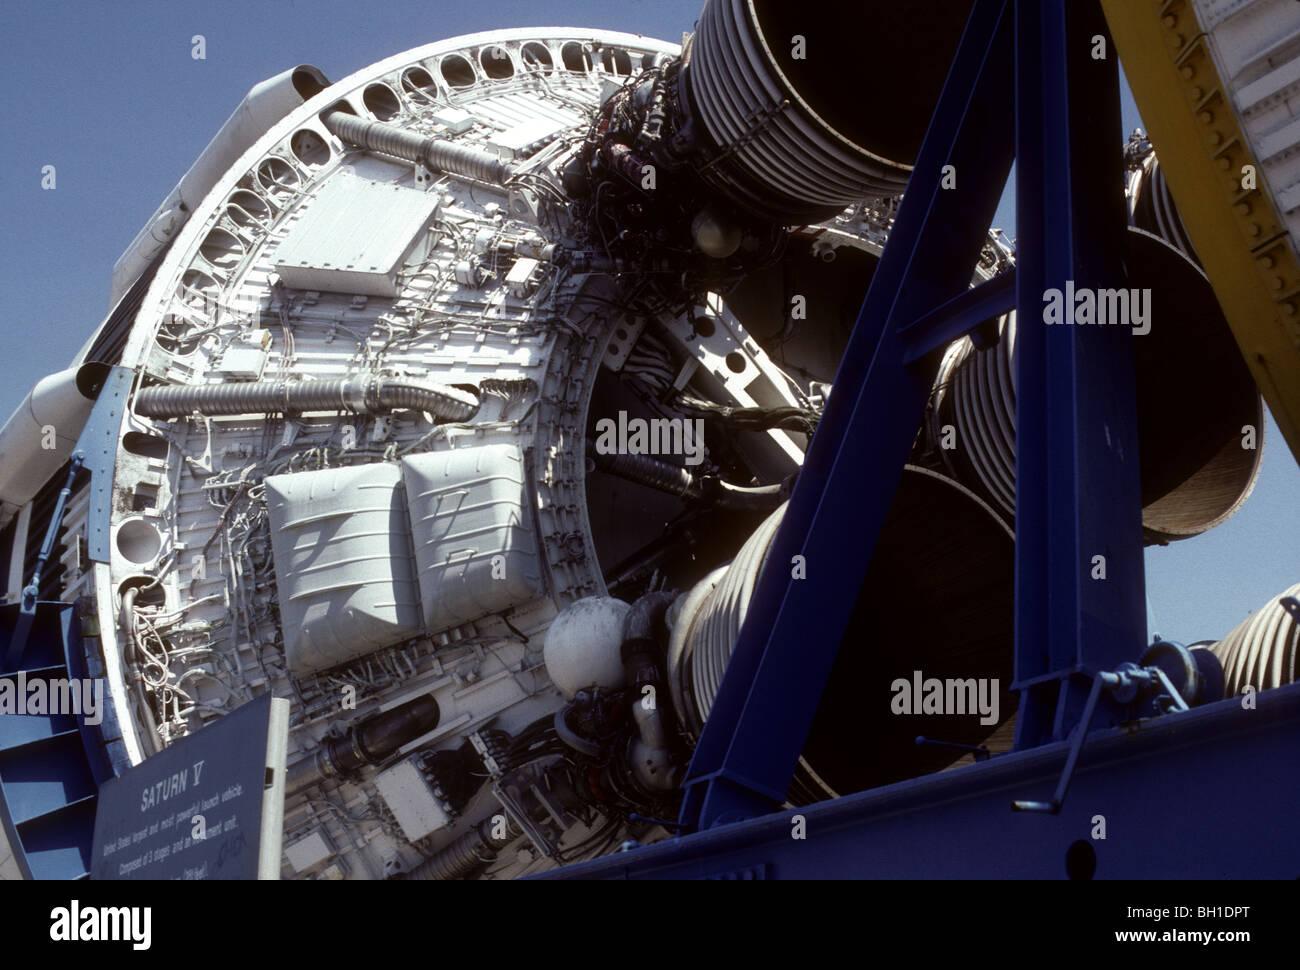 Saturn V Rakete Touristenattraktion. Kodachromes von Florida Sehenswürdigkeiten in den 1980er Jahren. Stockbild